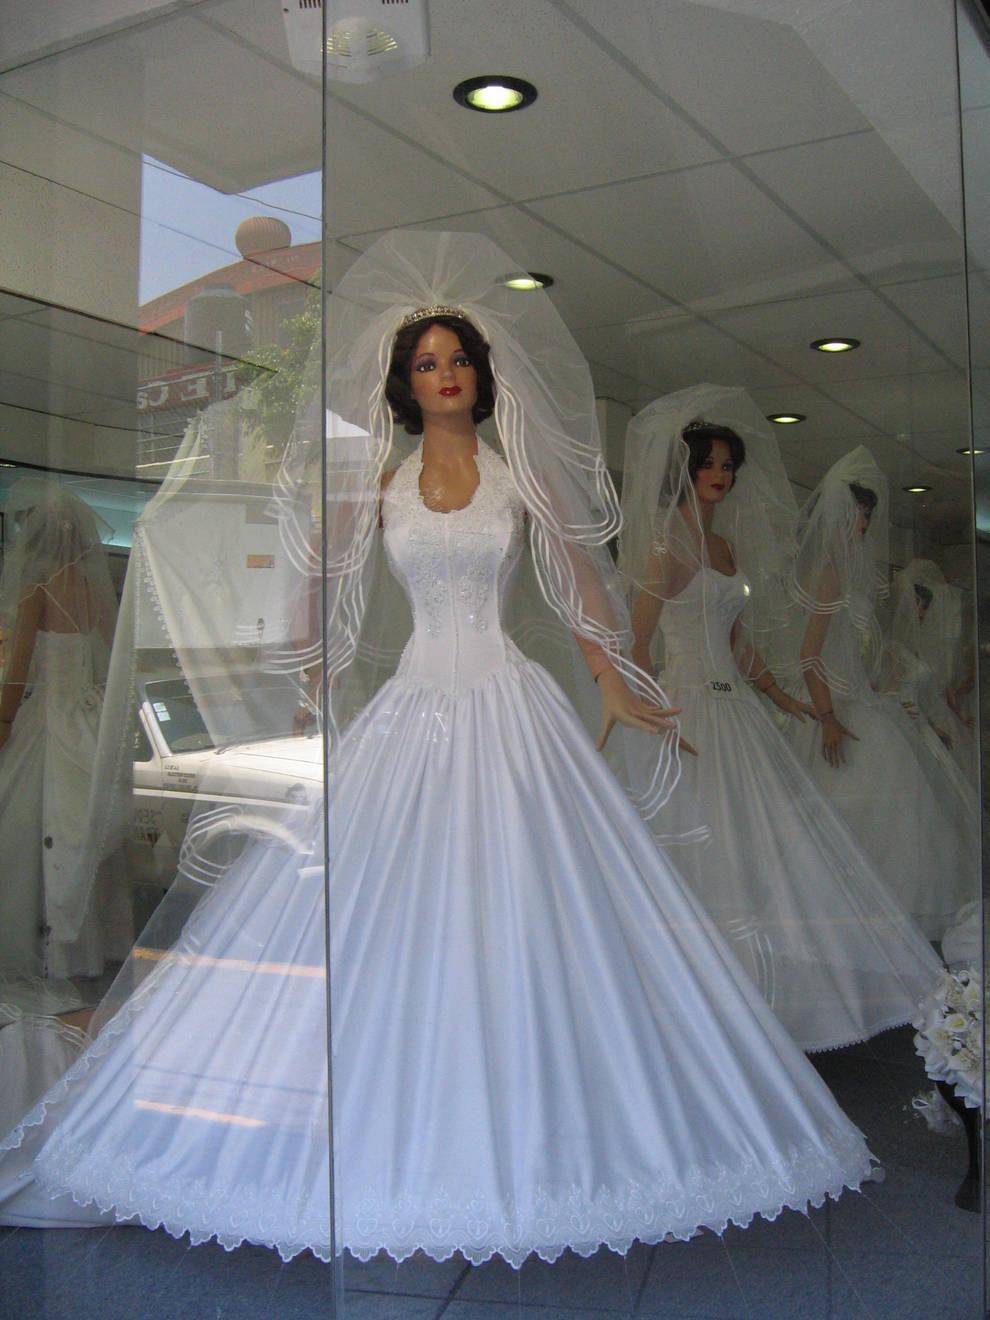 Vestidos de novia en poza rica ver